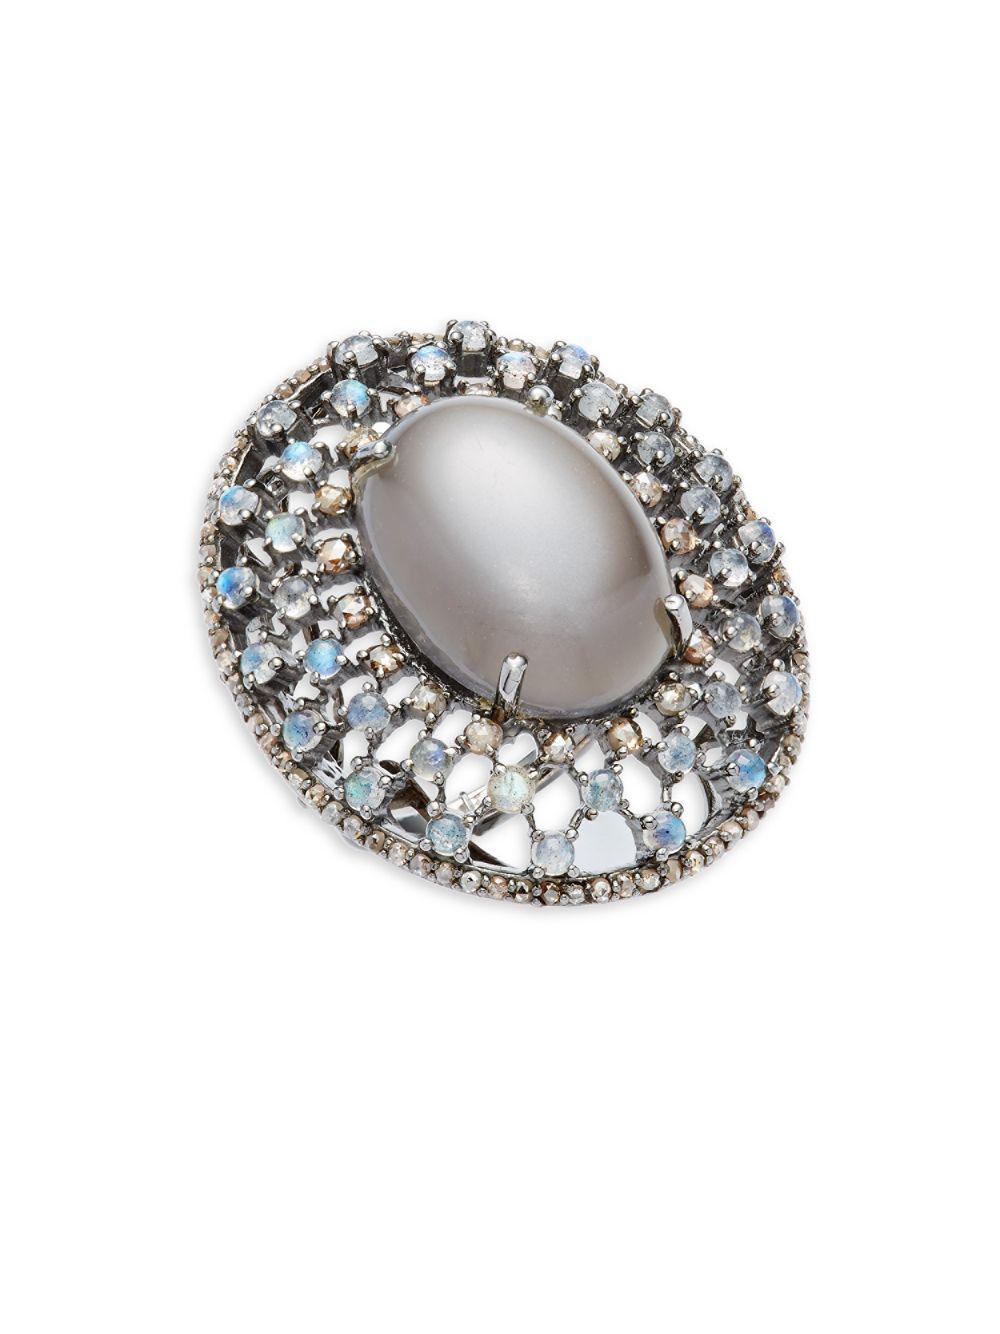 Bavna Tiered Open Diamond Teardrop Ring, Size 7